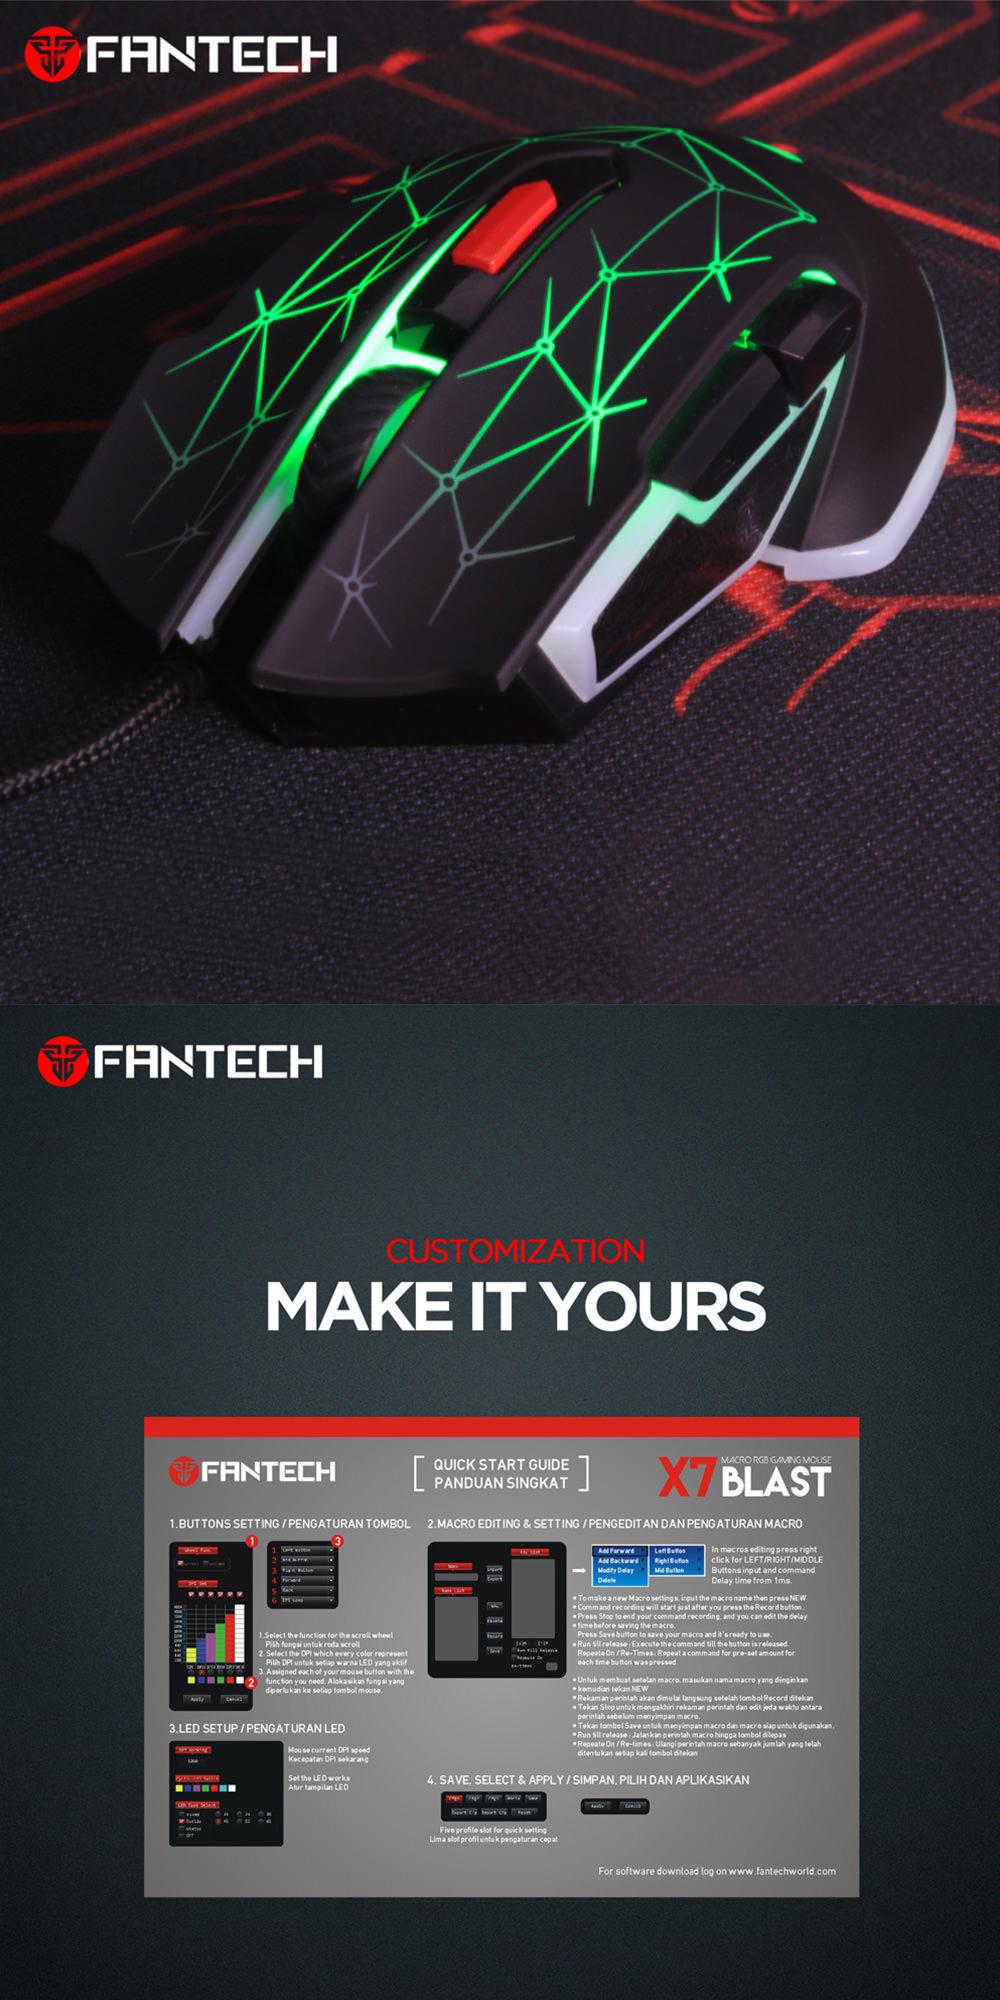 fantech x7 rgb mouse